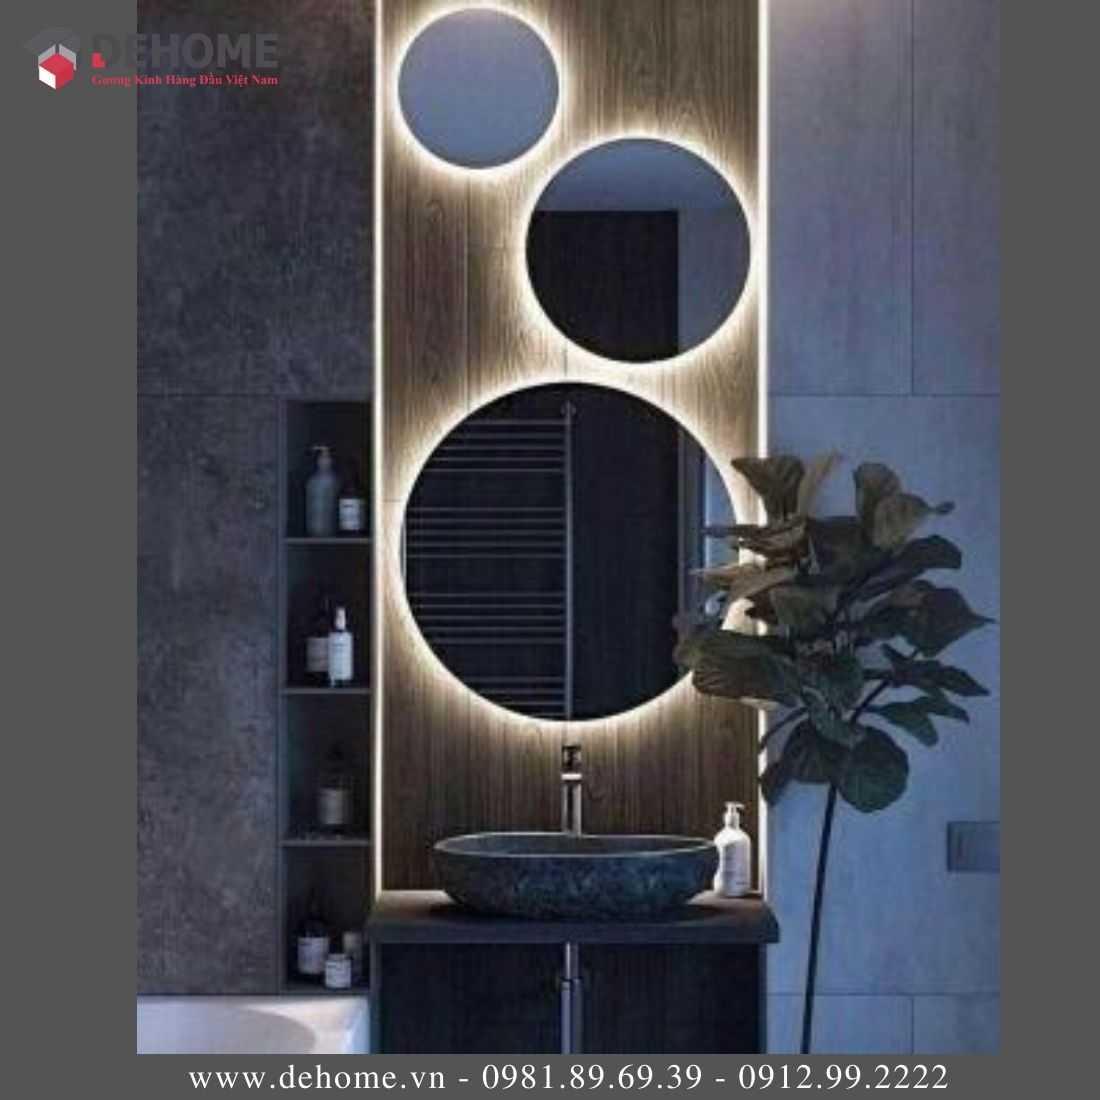 Gương Phòng Tắm Cảm Ứng Tròn Có Led Dehome DH60-34